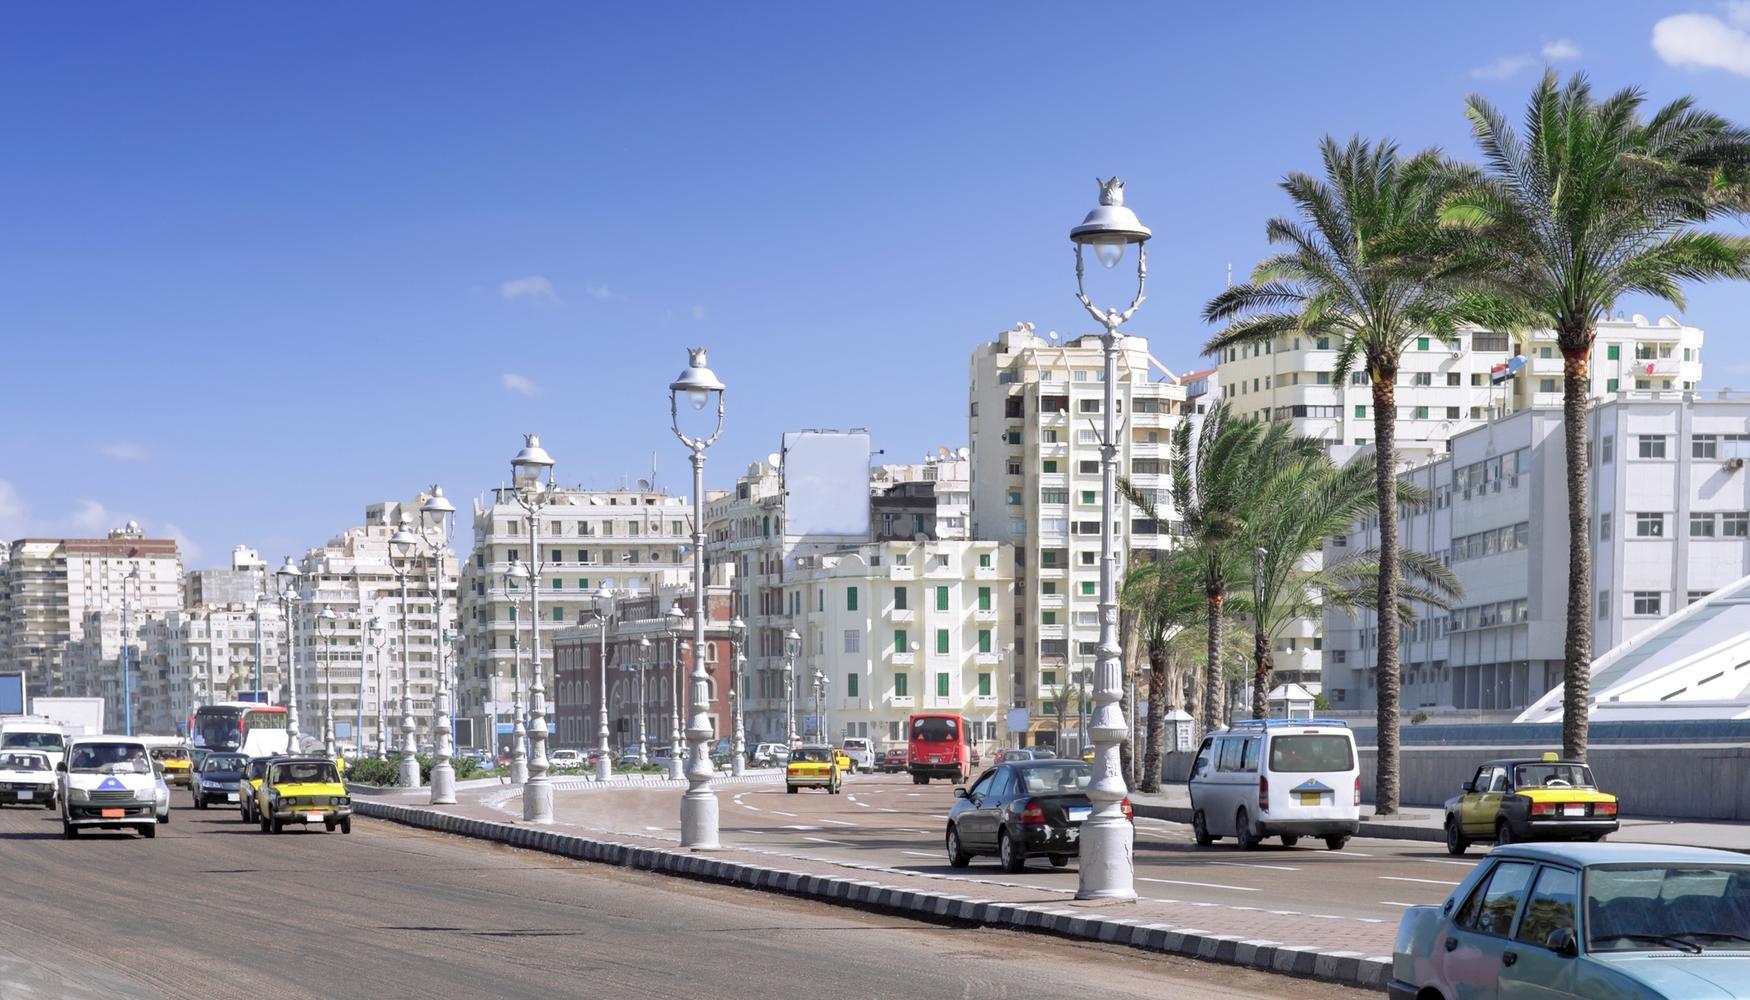 Ενοικίαση αυτοκίνητου στο Αεροδρόμιο Αλεξάνδρεια Borg El Arab